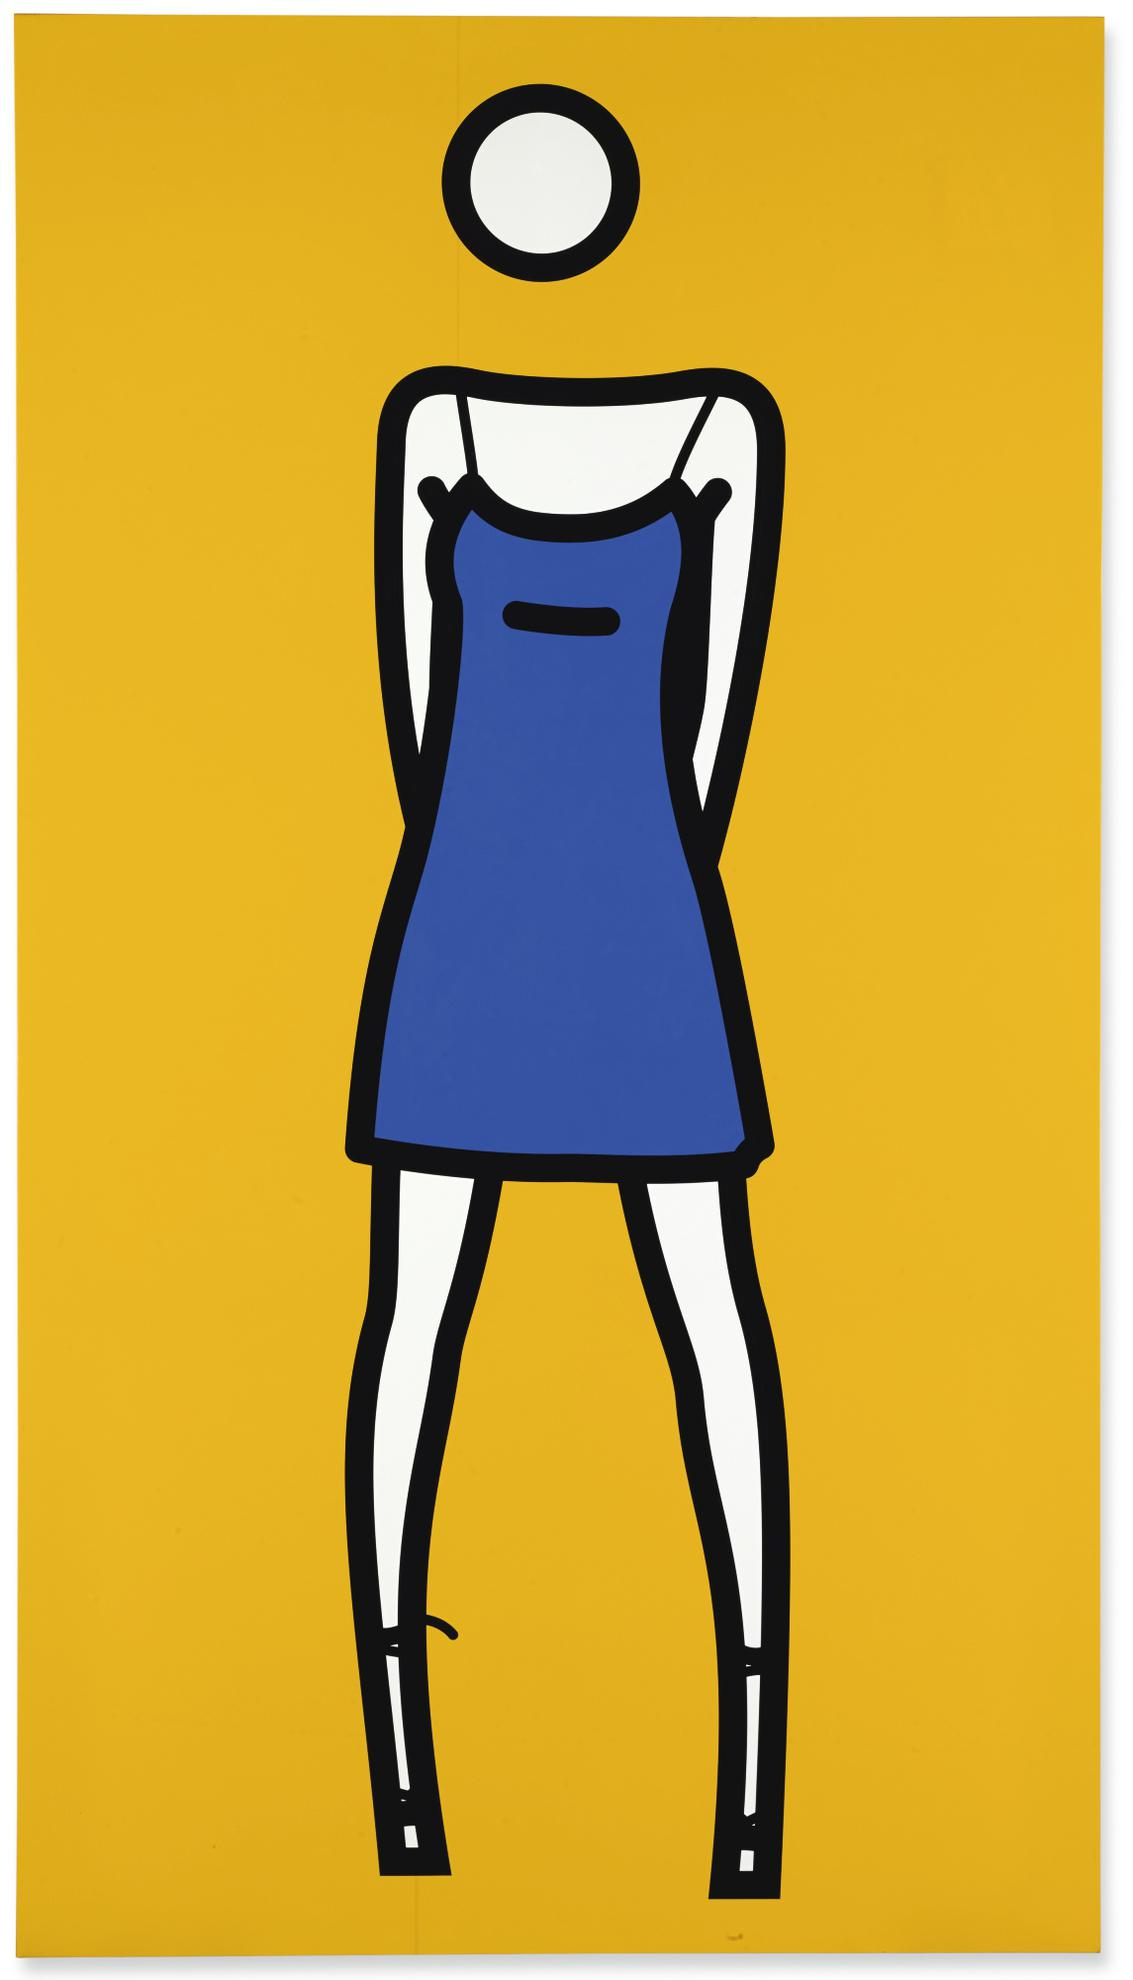 Julian Opie-Woman Posing In Summer Dress 2-2003